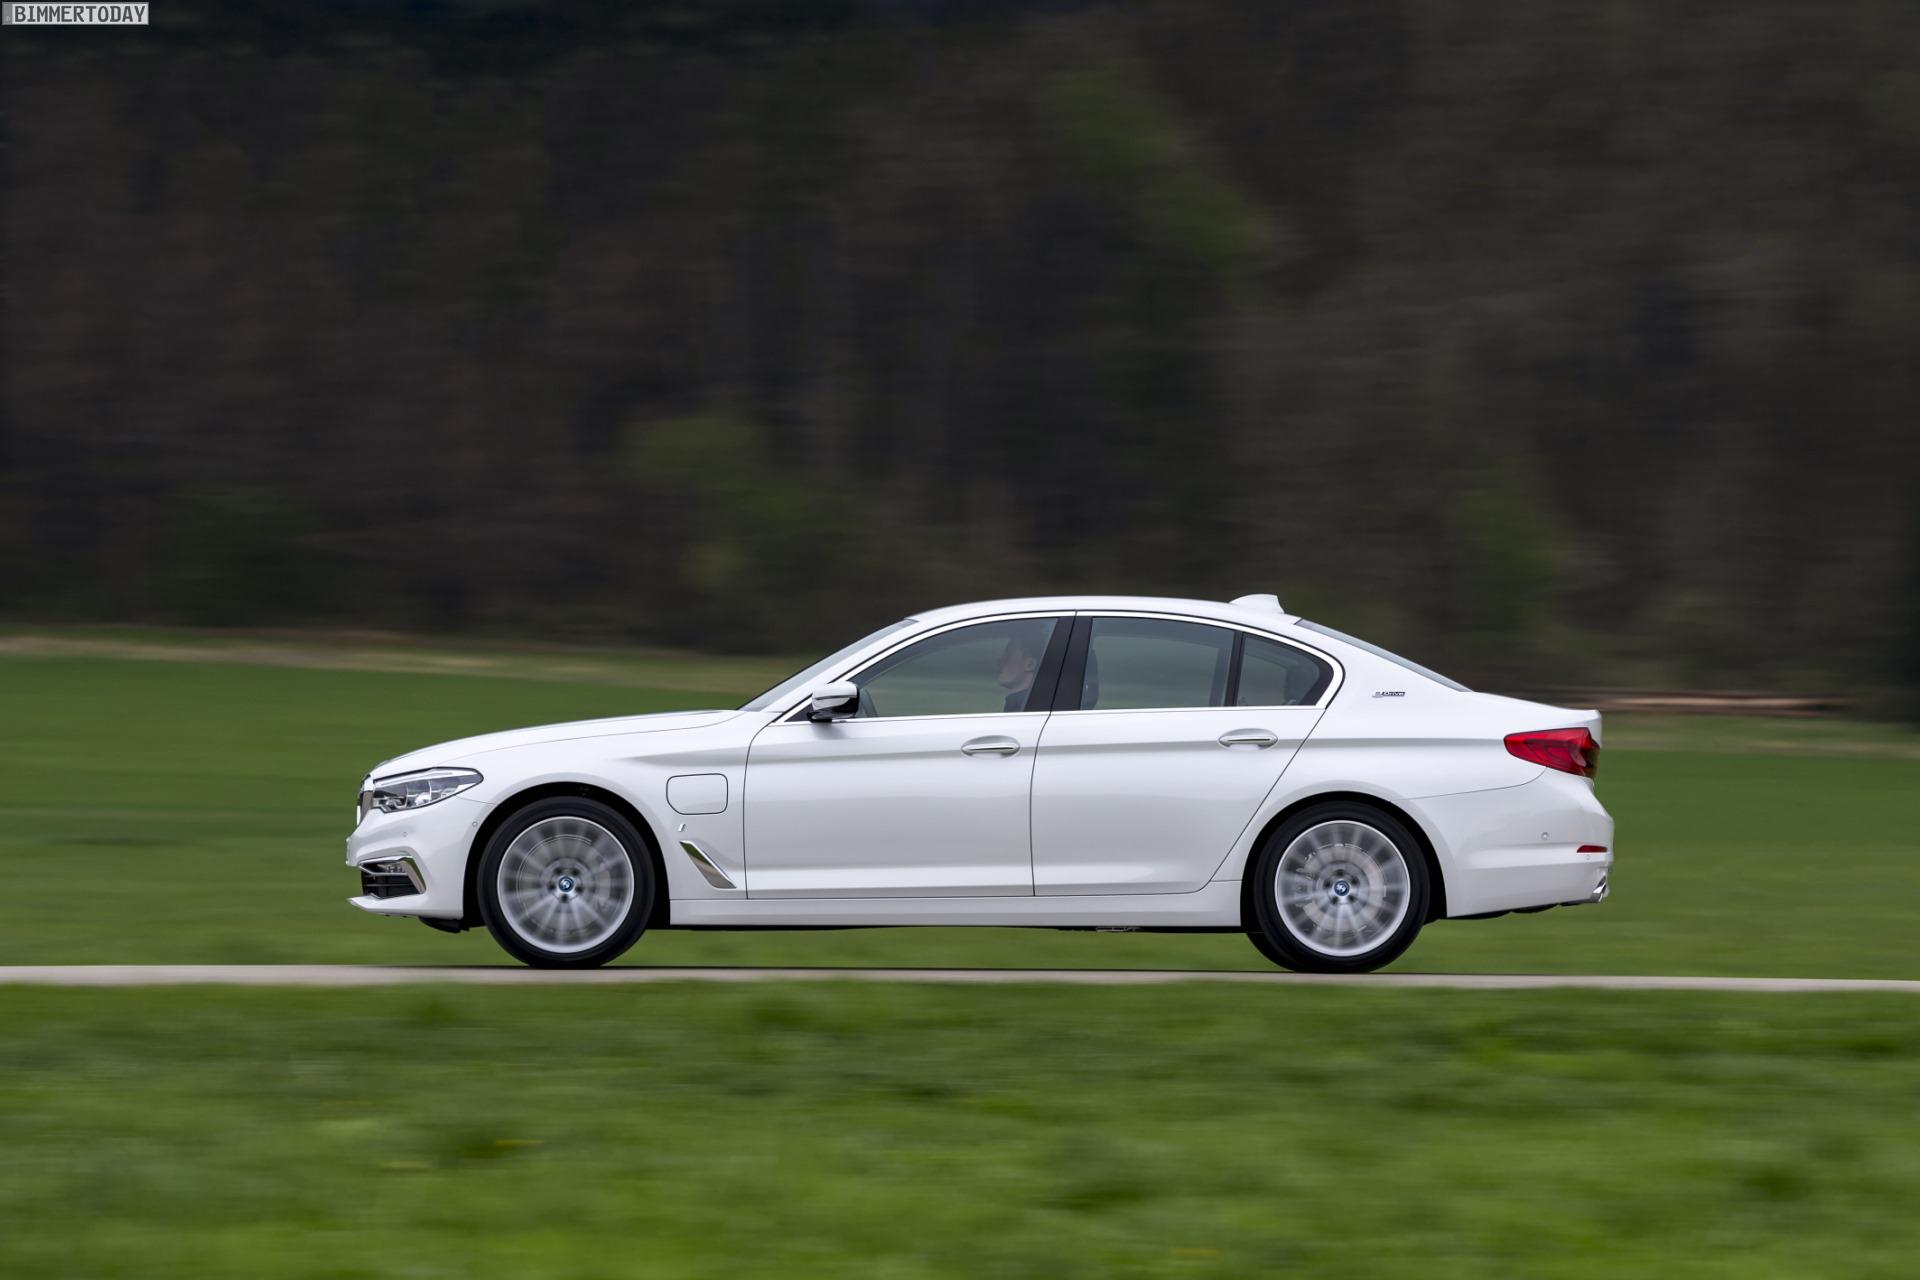 Fahrbericht BMW 530e 2017: Der Plug-in-Hybrid reift und reift